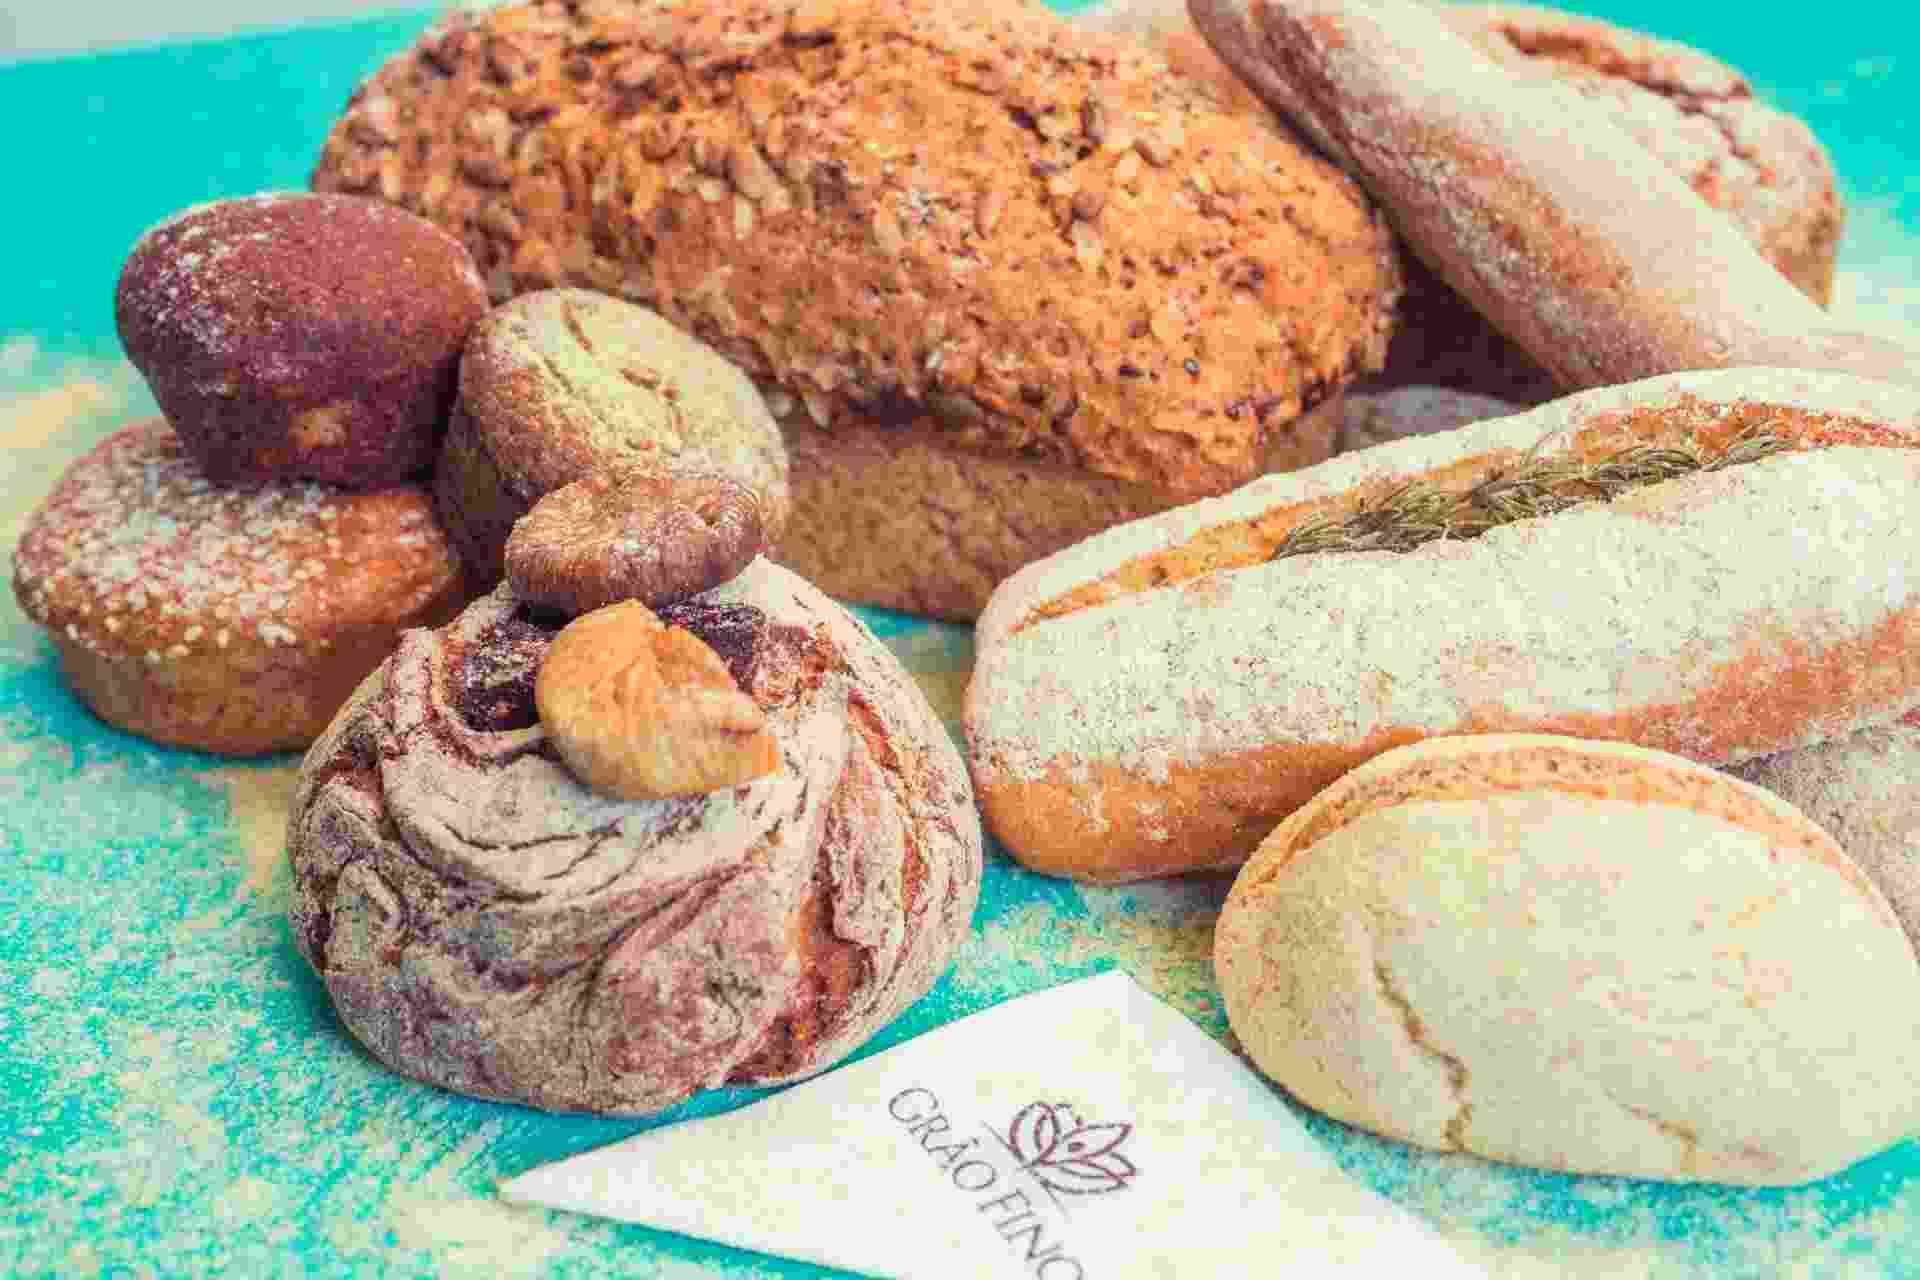 Pães vendidos na padaria e restaurante Grão Fino, que não tem produtos com glúten e lactose - Divulgação